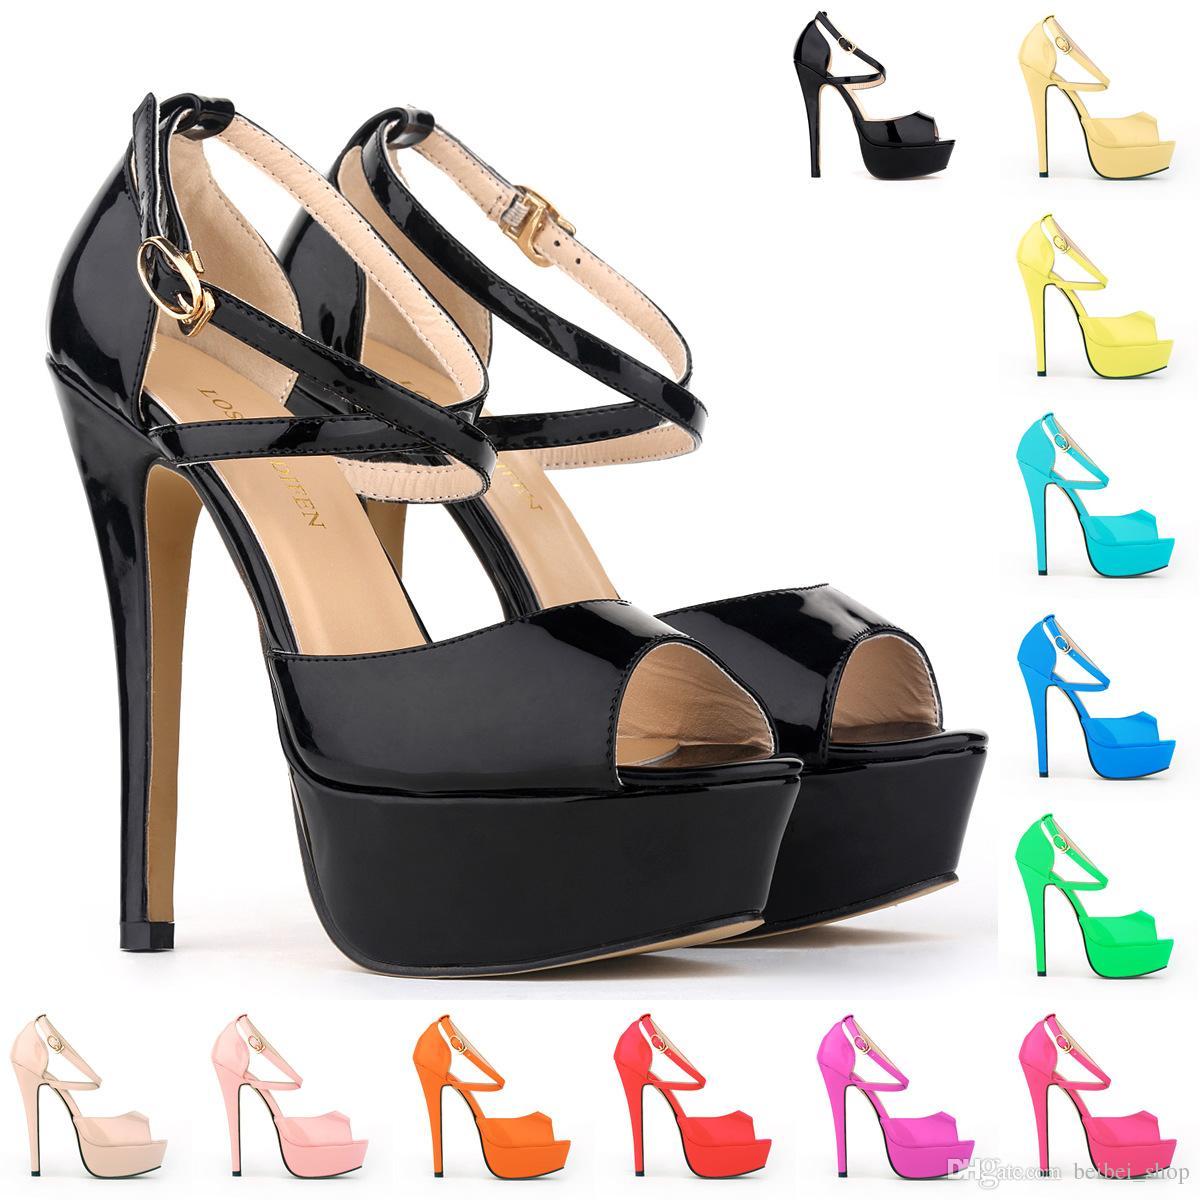 2a72d4d4ce2 LOSLANDIFEN Women Pumps Loran Sten Pumps Ultra Fashion Bride Shoes ...